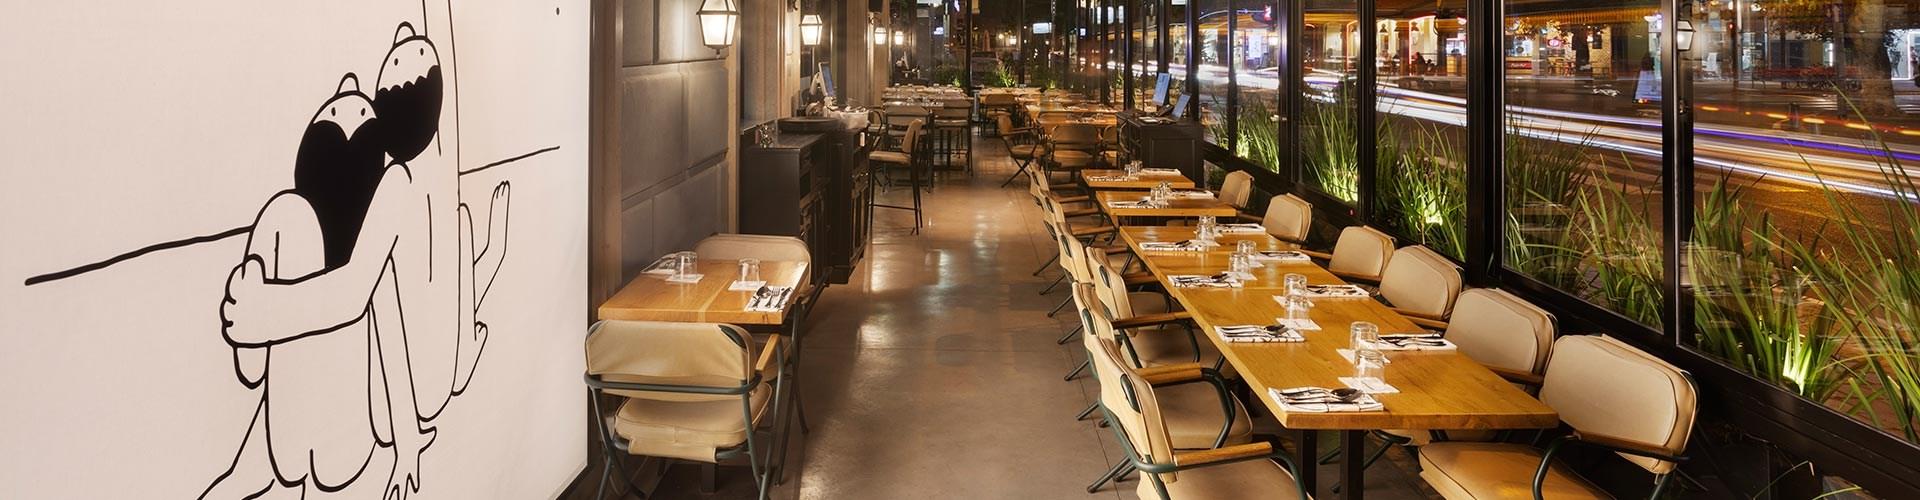 Cafe Popular - Bistro & Bar